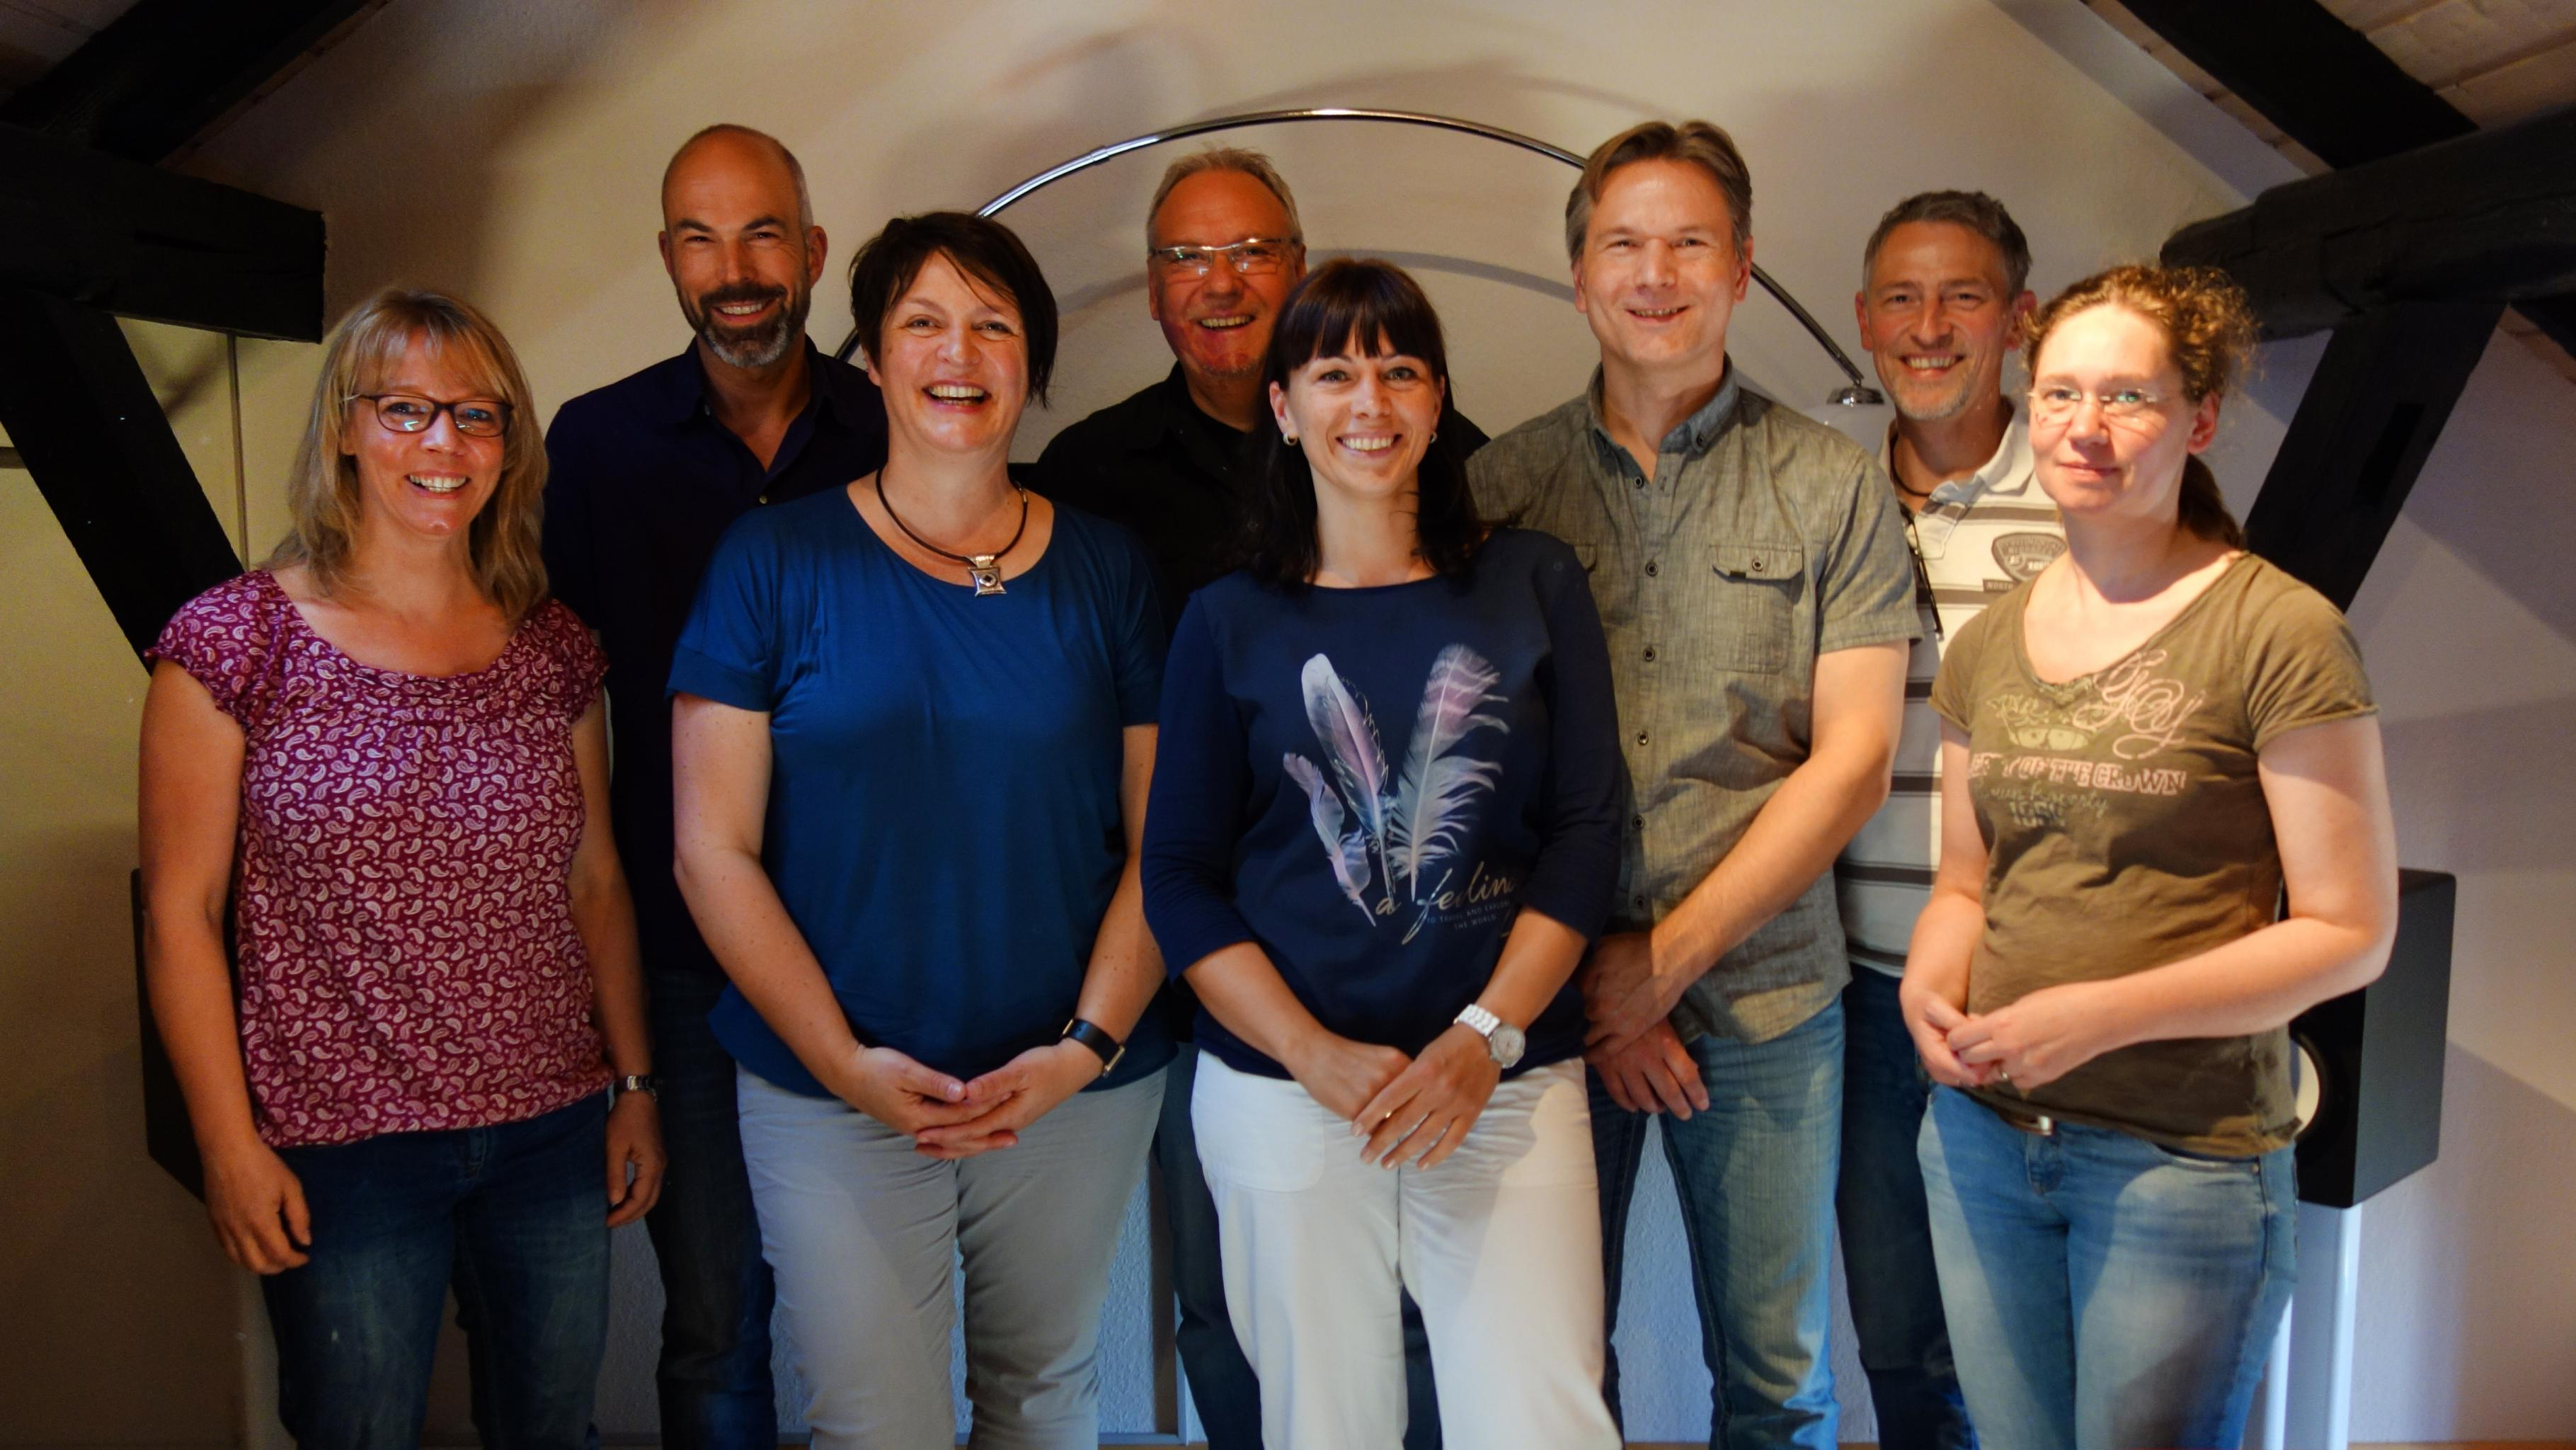 Gruppenfoto: Oxfam-Projektreferentin Stefanie Beck bei der Speaker Connection GmbH in Solingen